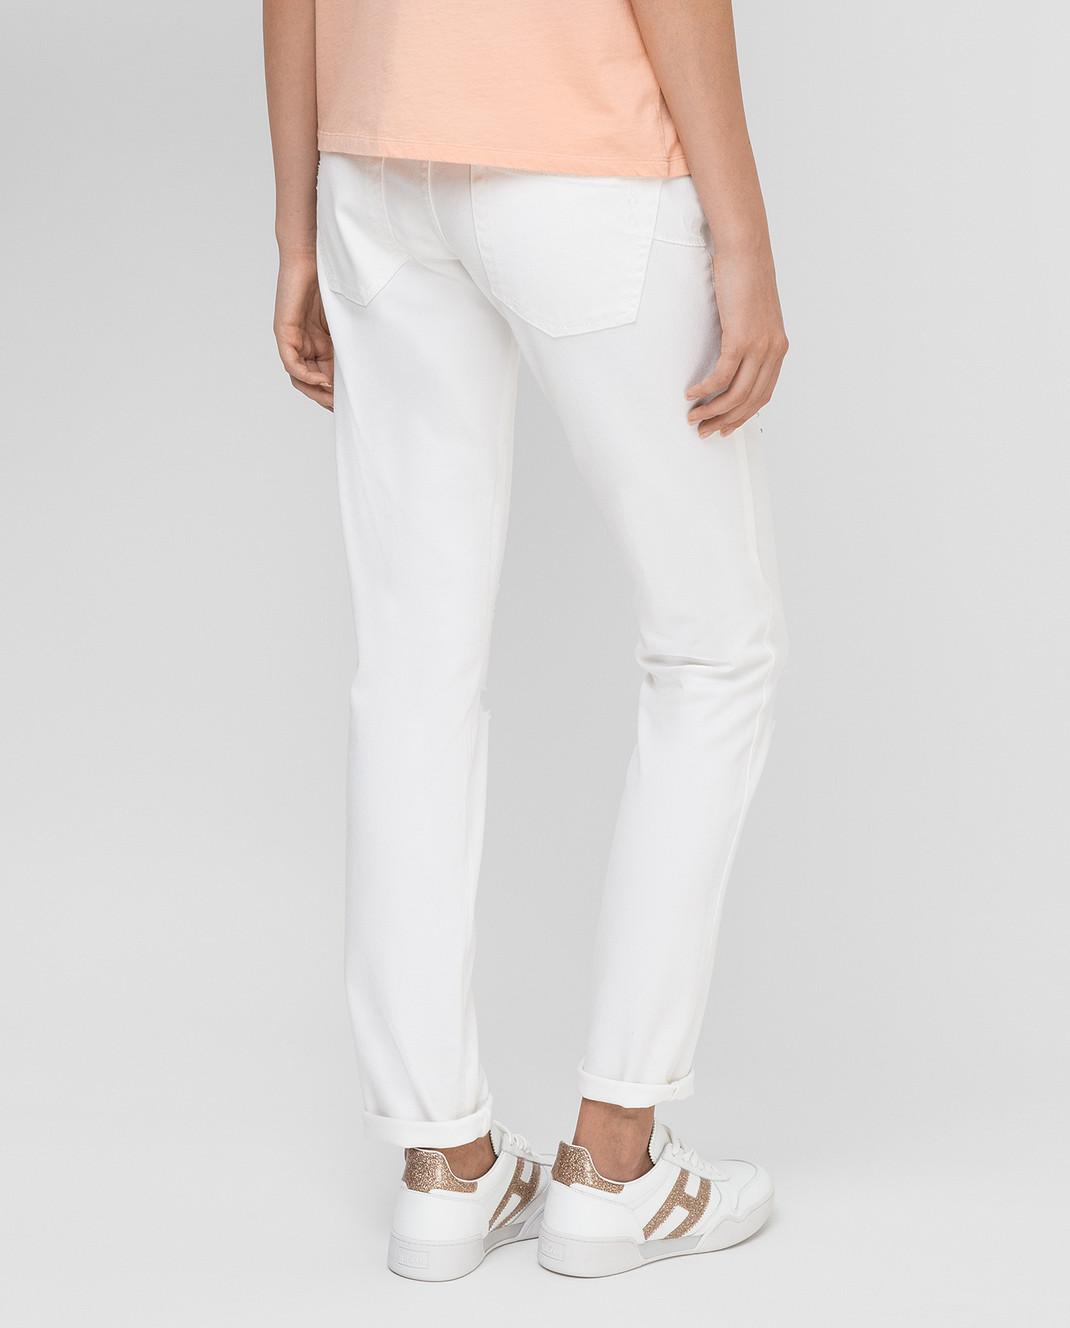 Blugirl Белые джинсы 1502 изображение 4